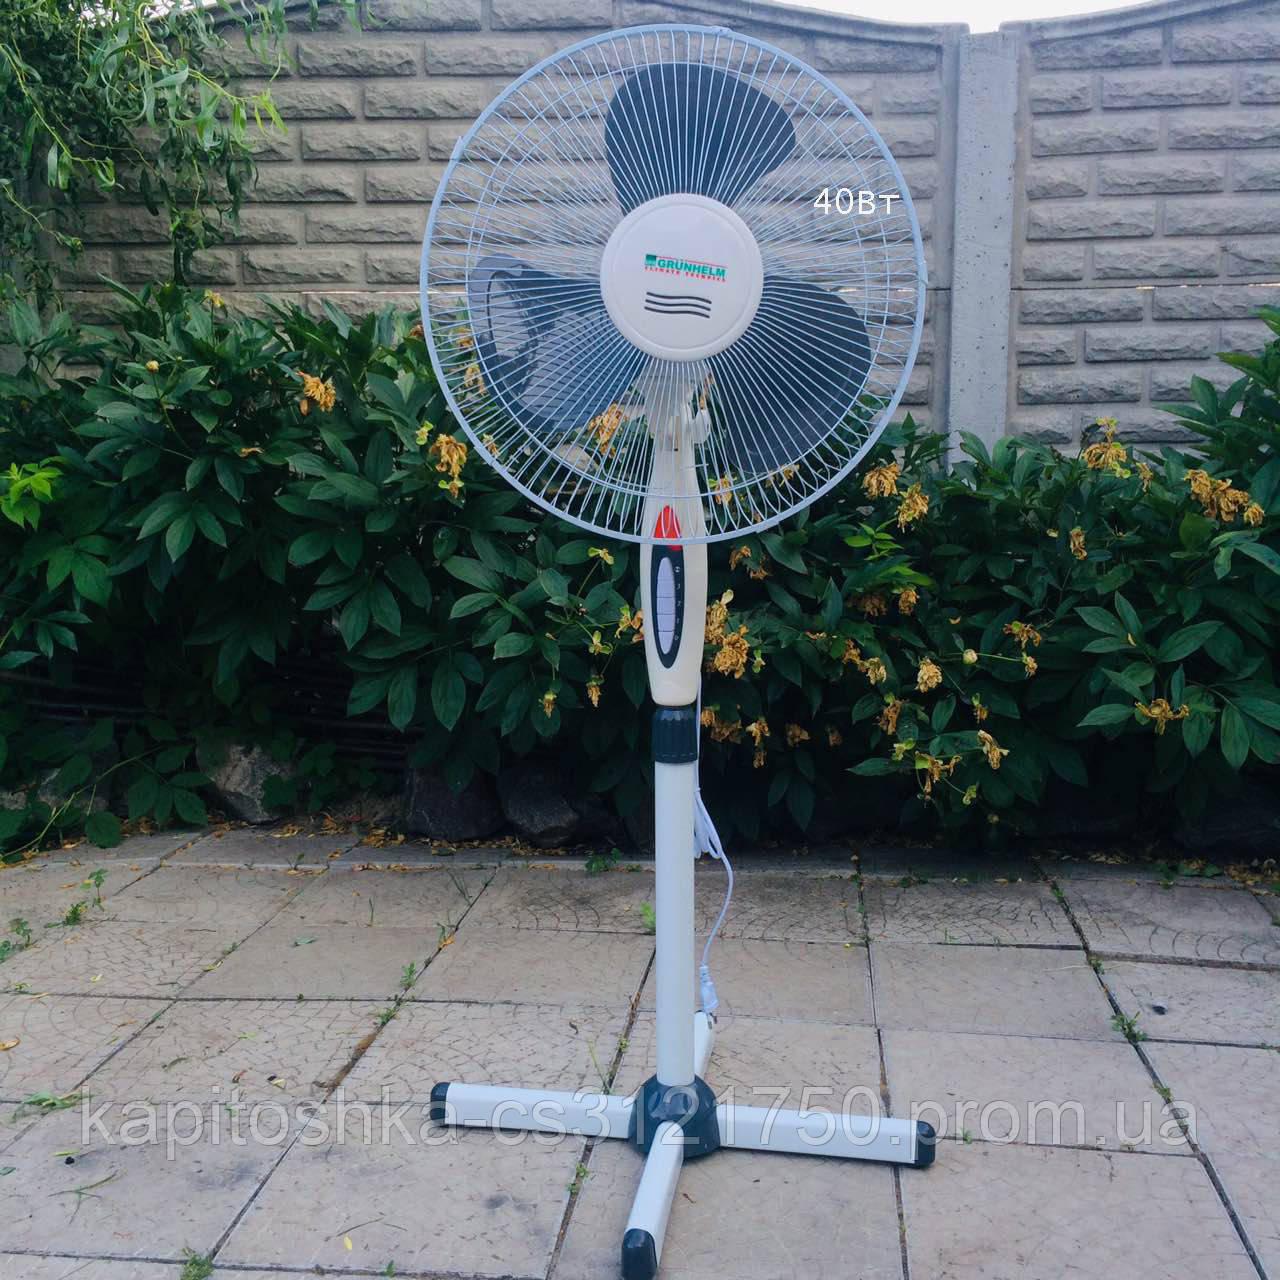 Вентилятор 40 Вт. С подсветкой. Grunhelm -1621